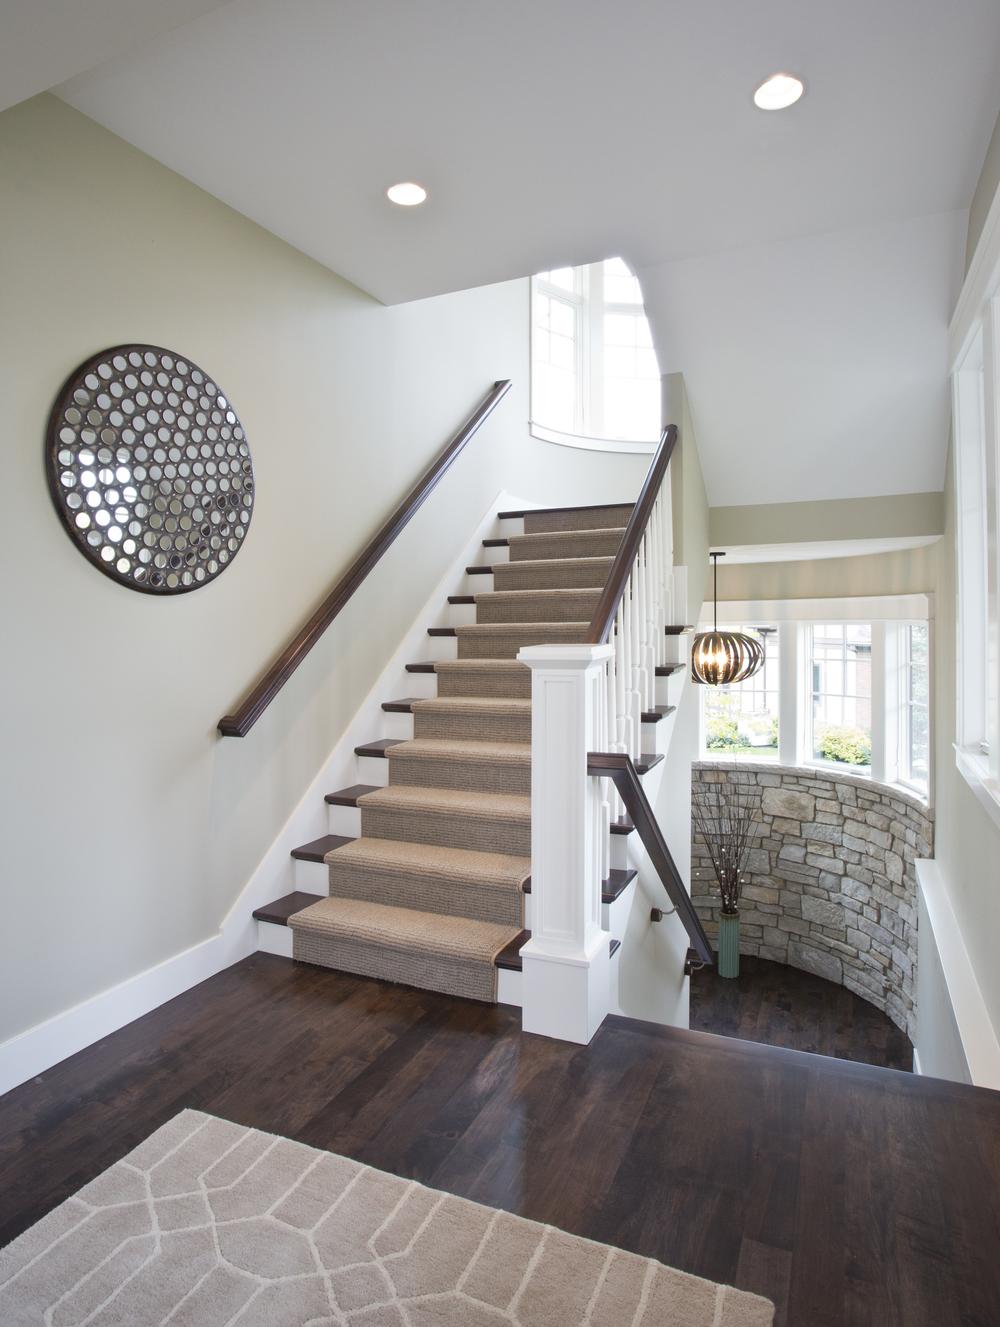 Stairs_4B9A5359-1.jpg